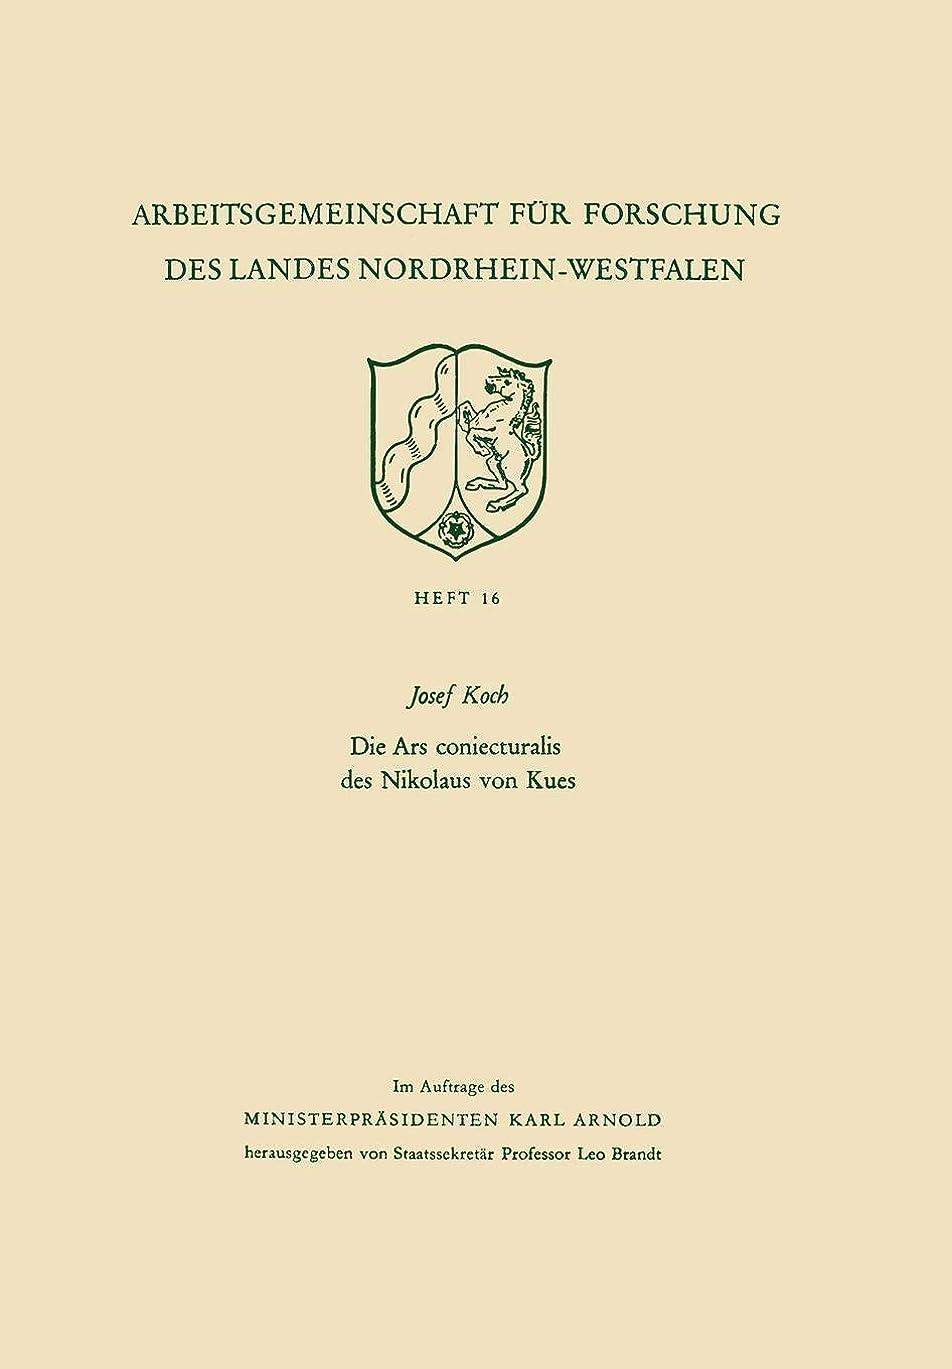 タイトルハッチ水差しDie Ars coniecturalis des Nikolaus von Kues (Arbeitsgemeinschaft fuer Forschung des Landes Nordrhein-Westfalen)